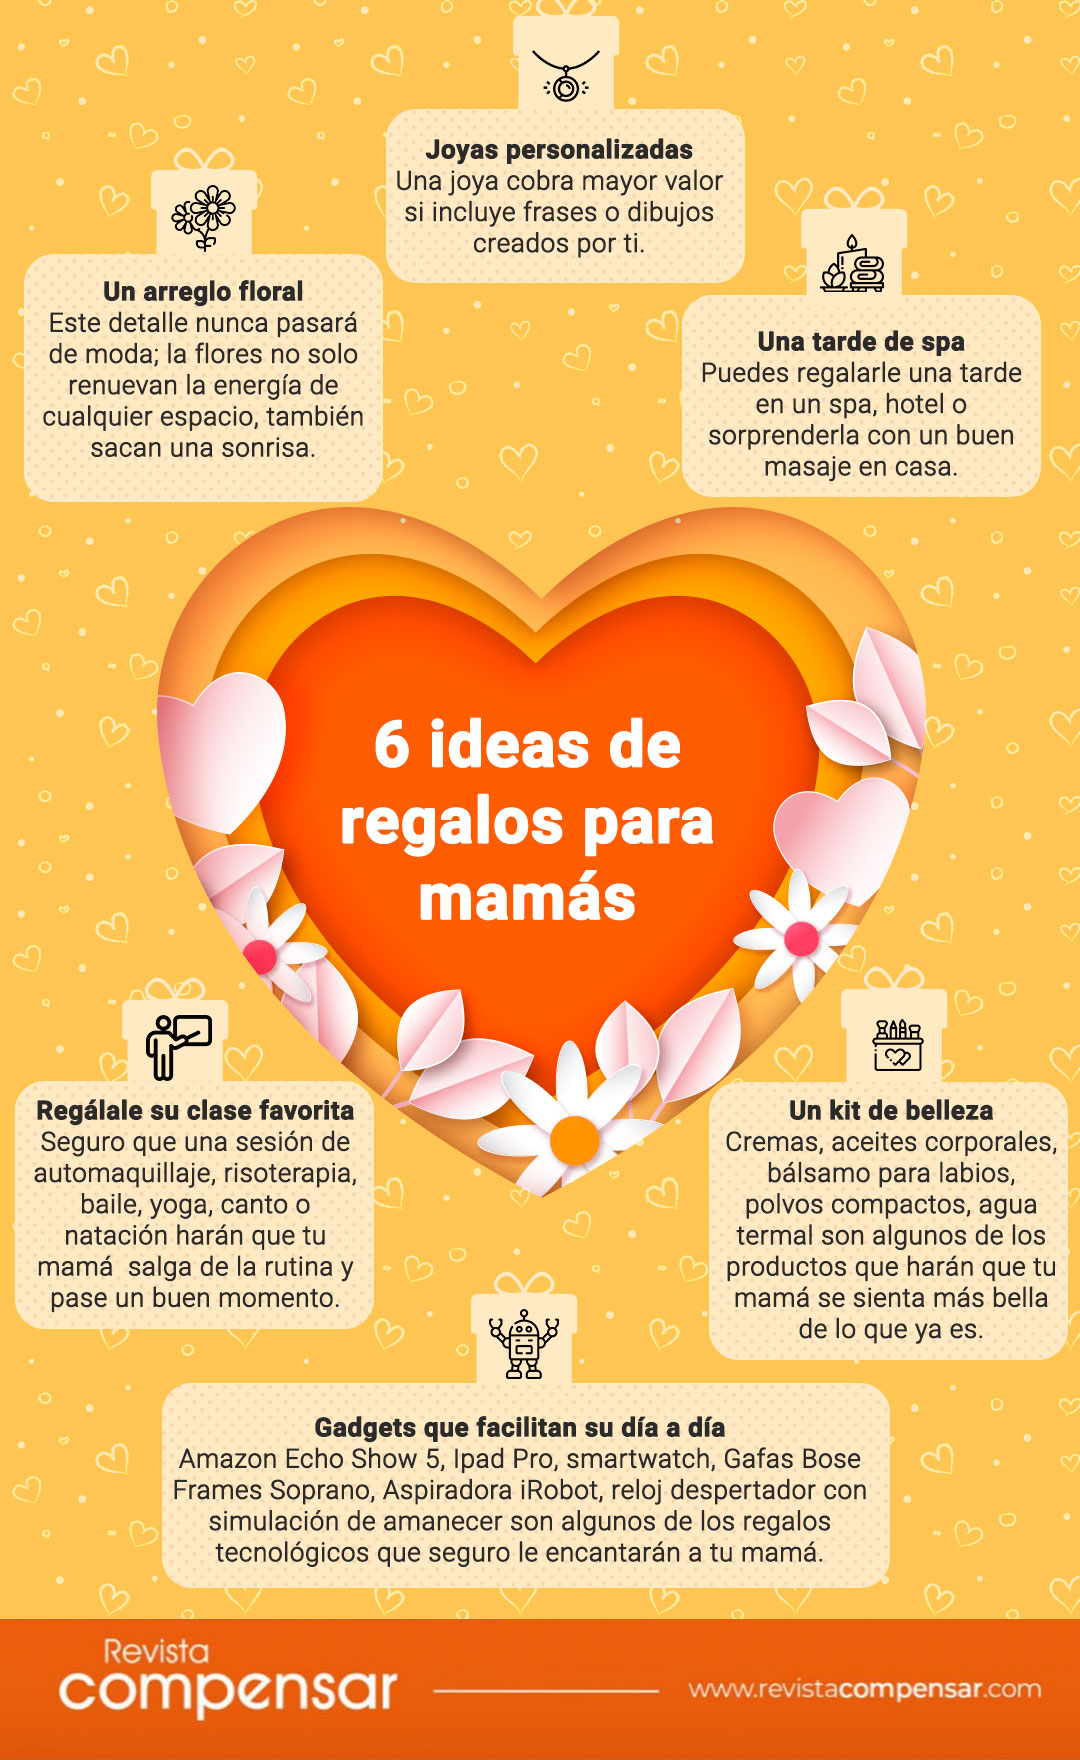 6 ideas de regalos para mamás